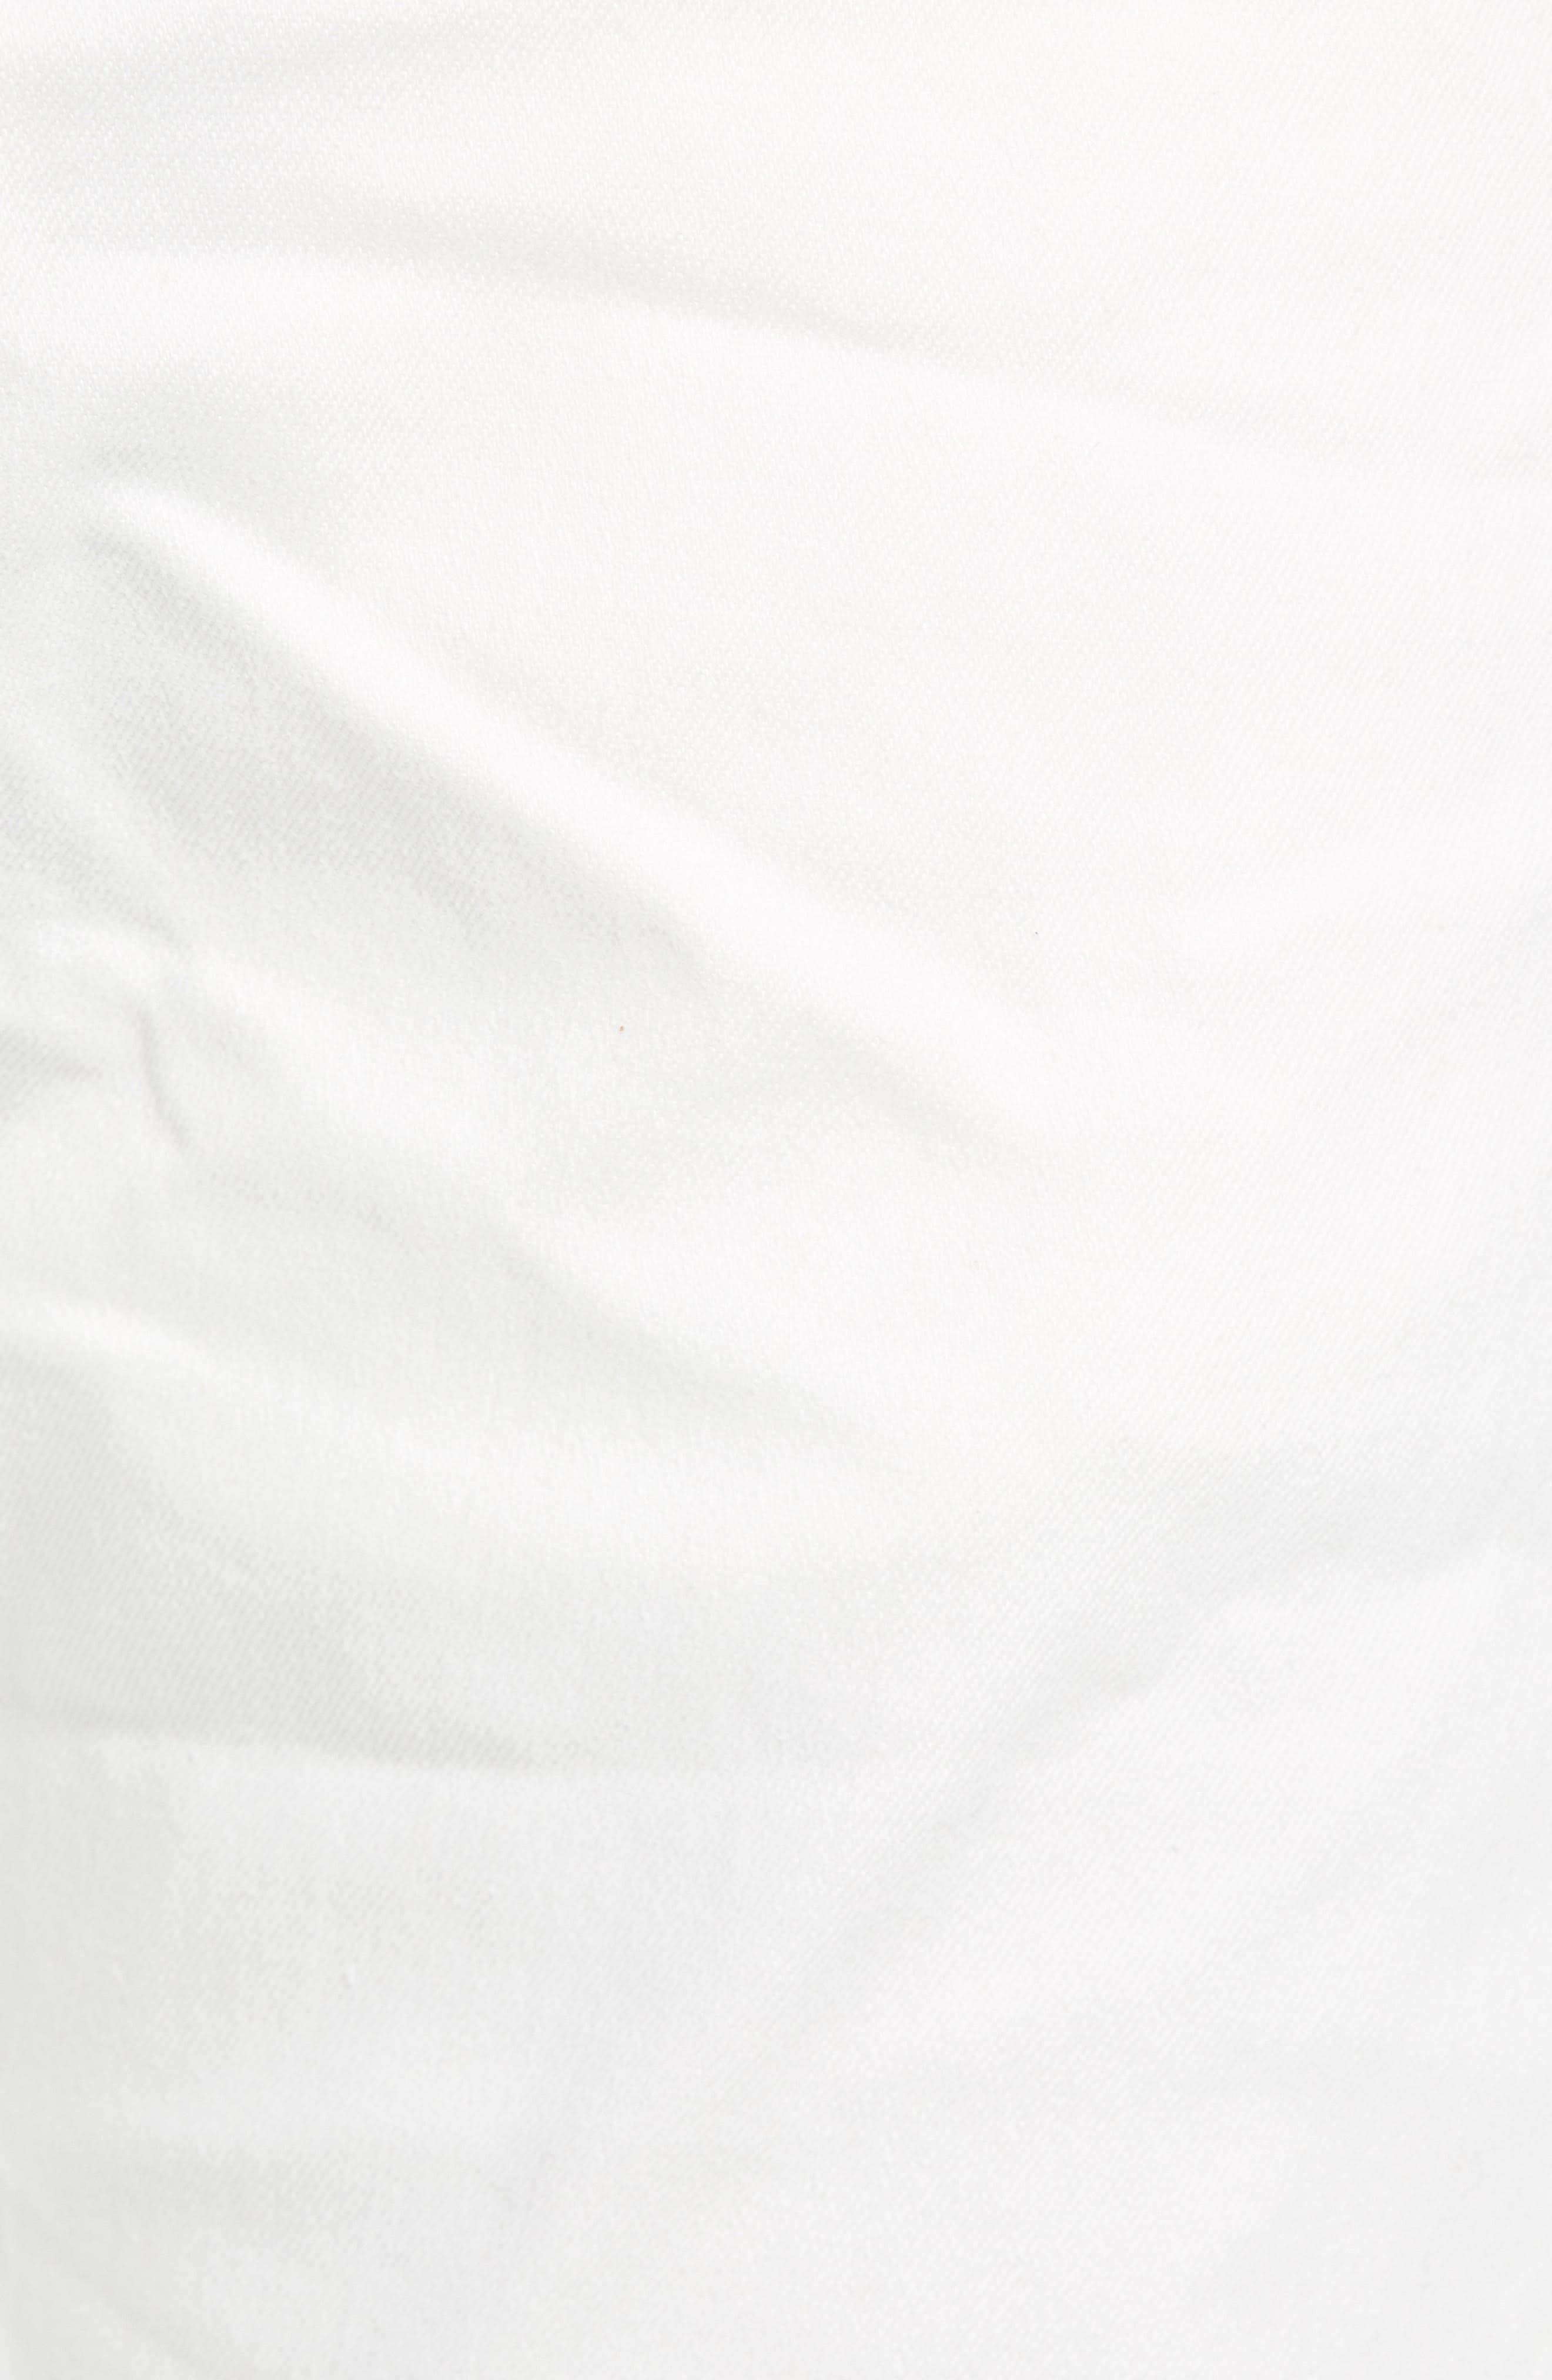 Weott Rex Slim Fit Jeans,                             Alternate thumbnail 5, color,                             100